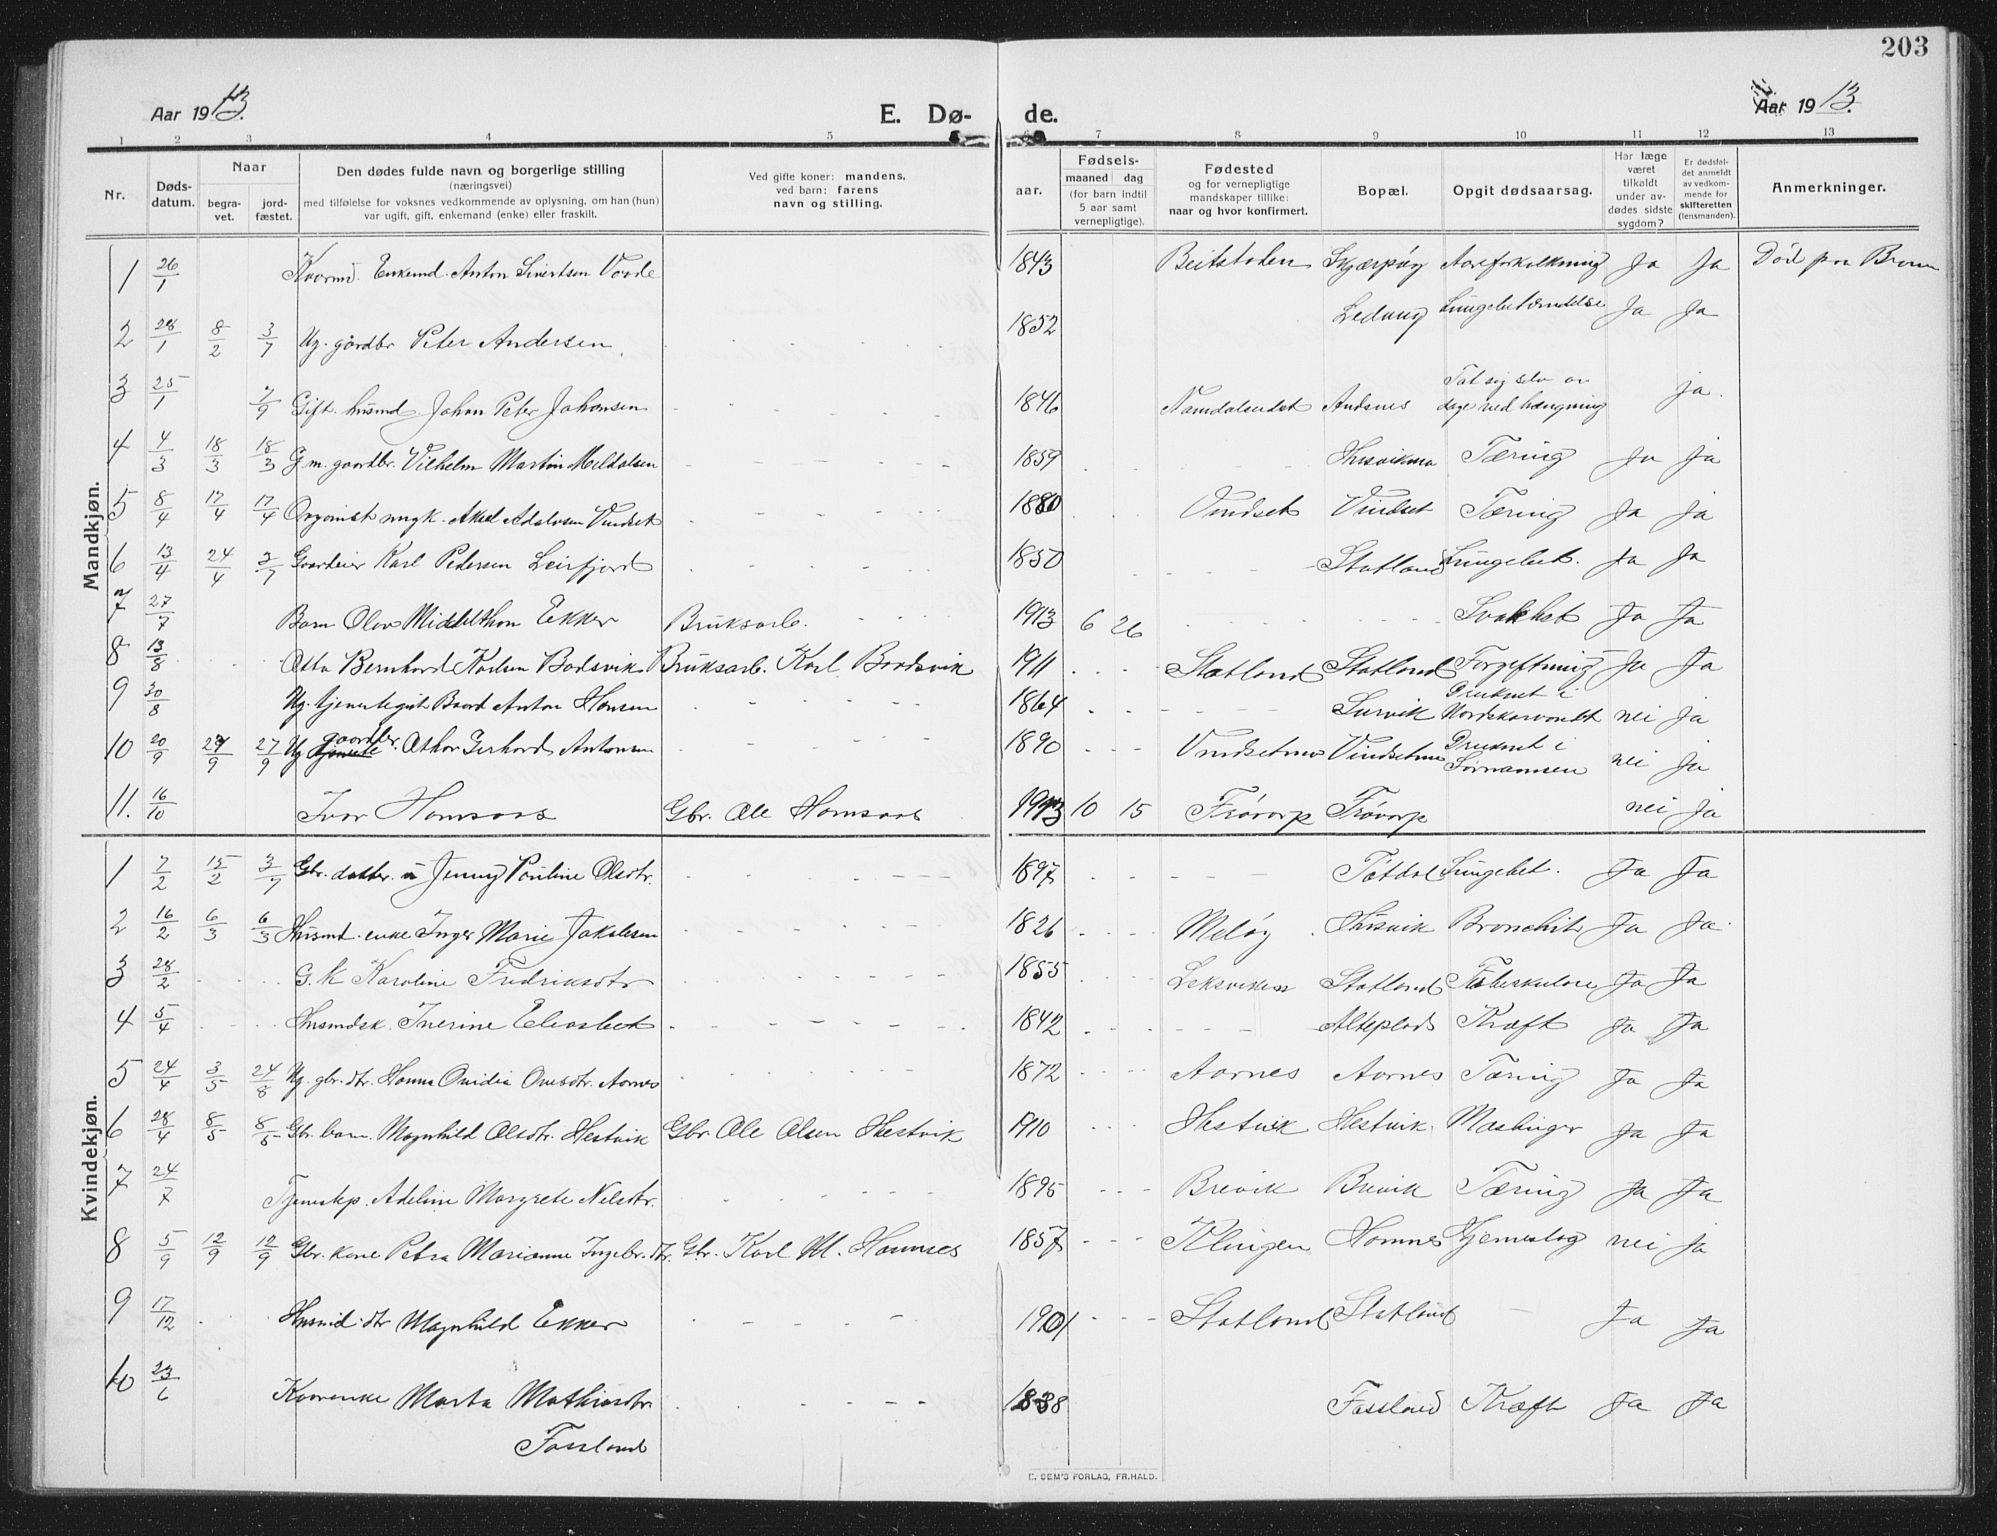 SAT, Ministerialprotokoller, klokkerbøker og fødselsregistre - Nord-Trøndelag, 774/L0630: Klokkerbok nr. 774C01, 1910-1934, s. 203